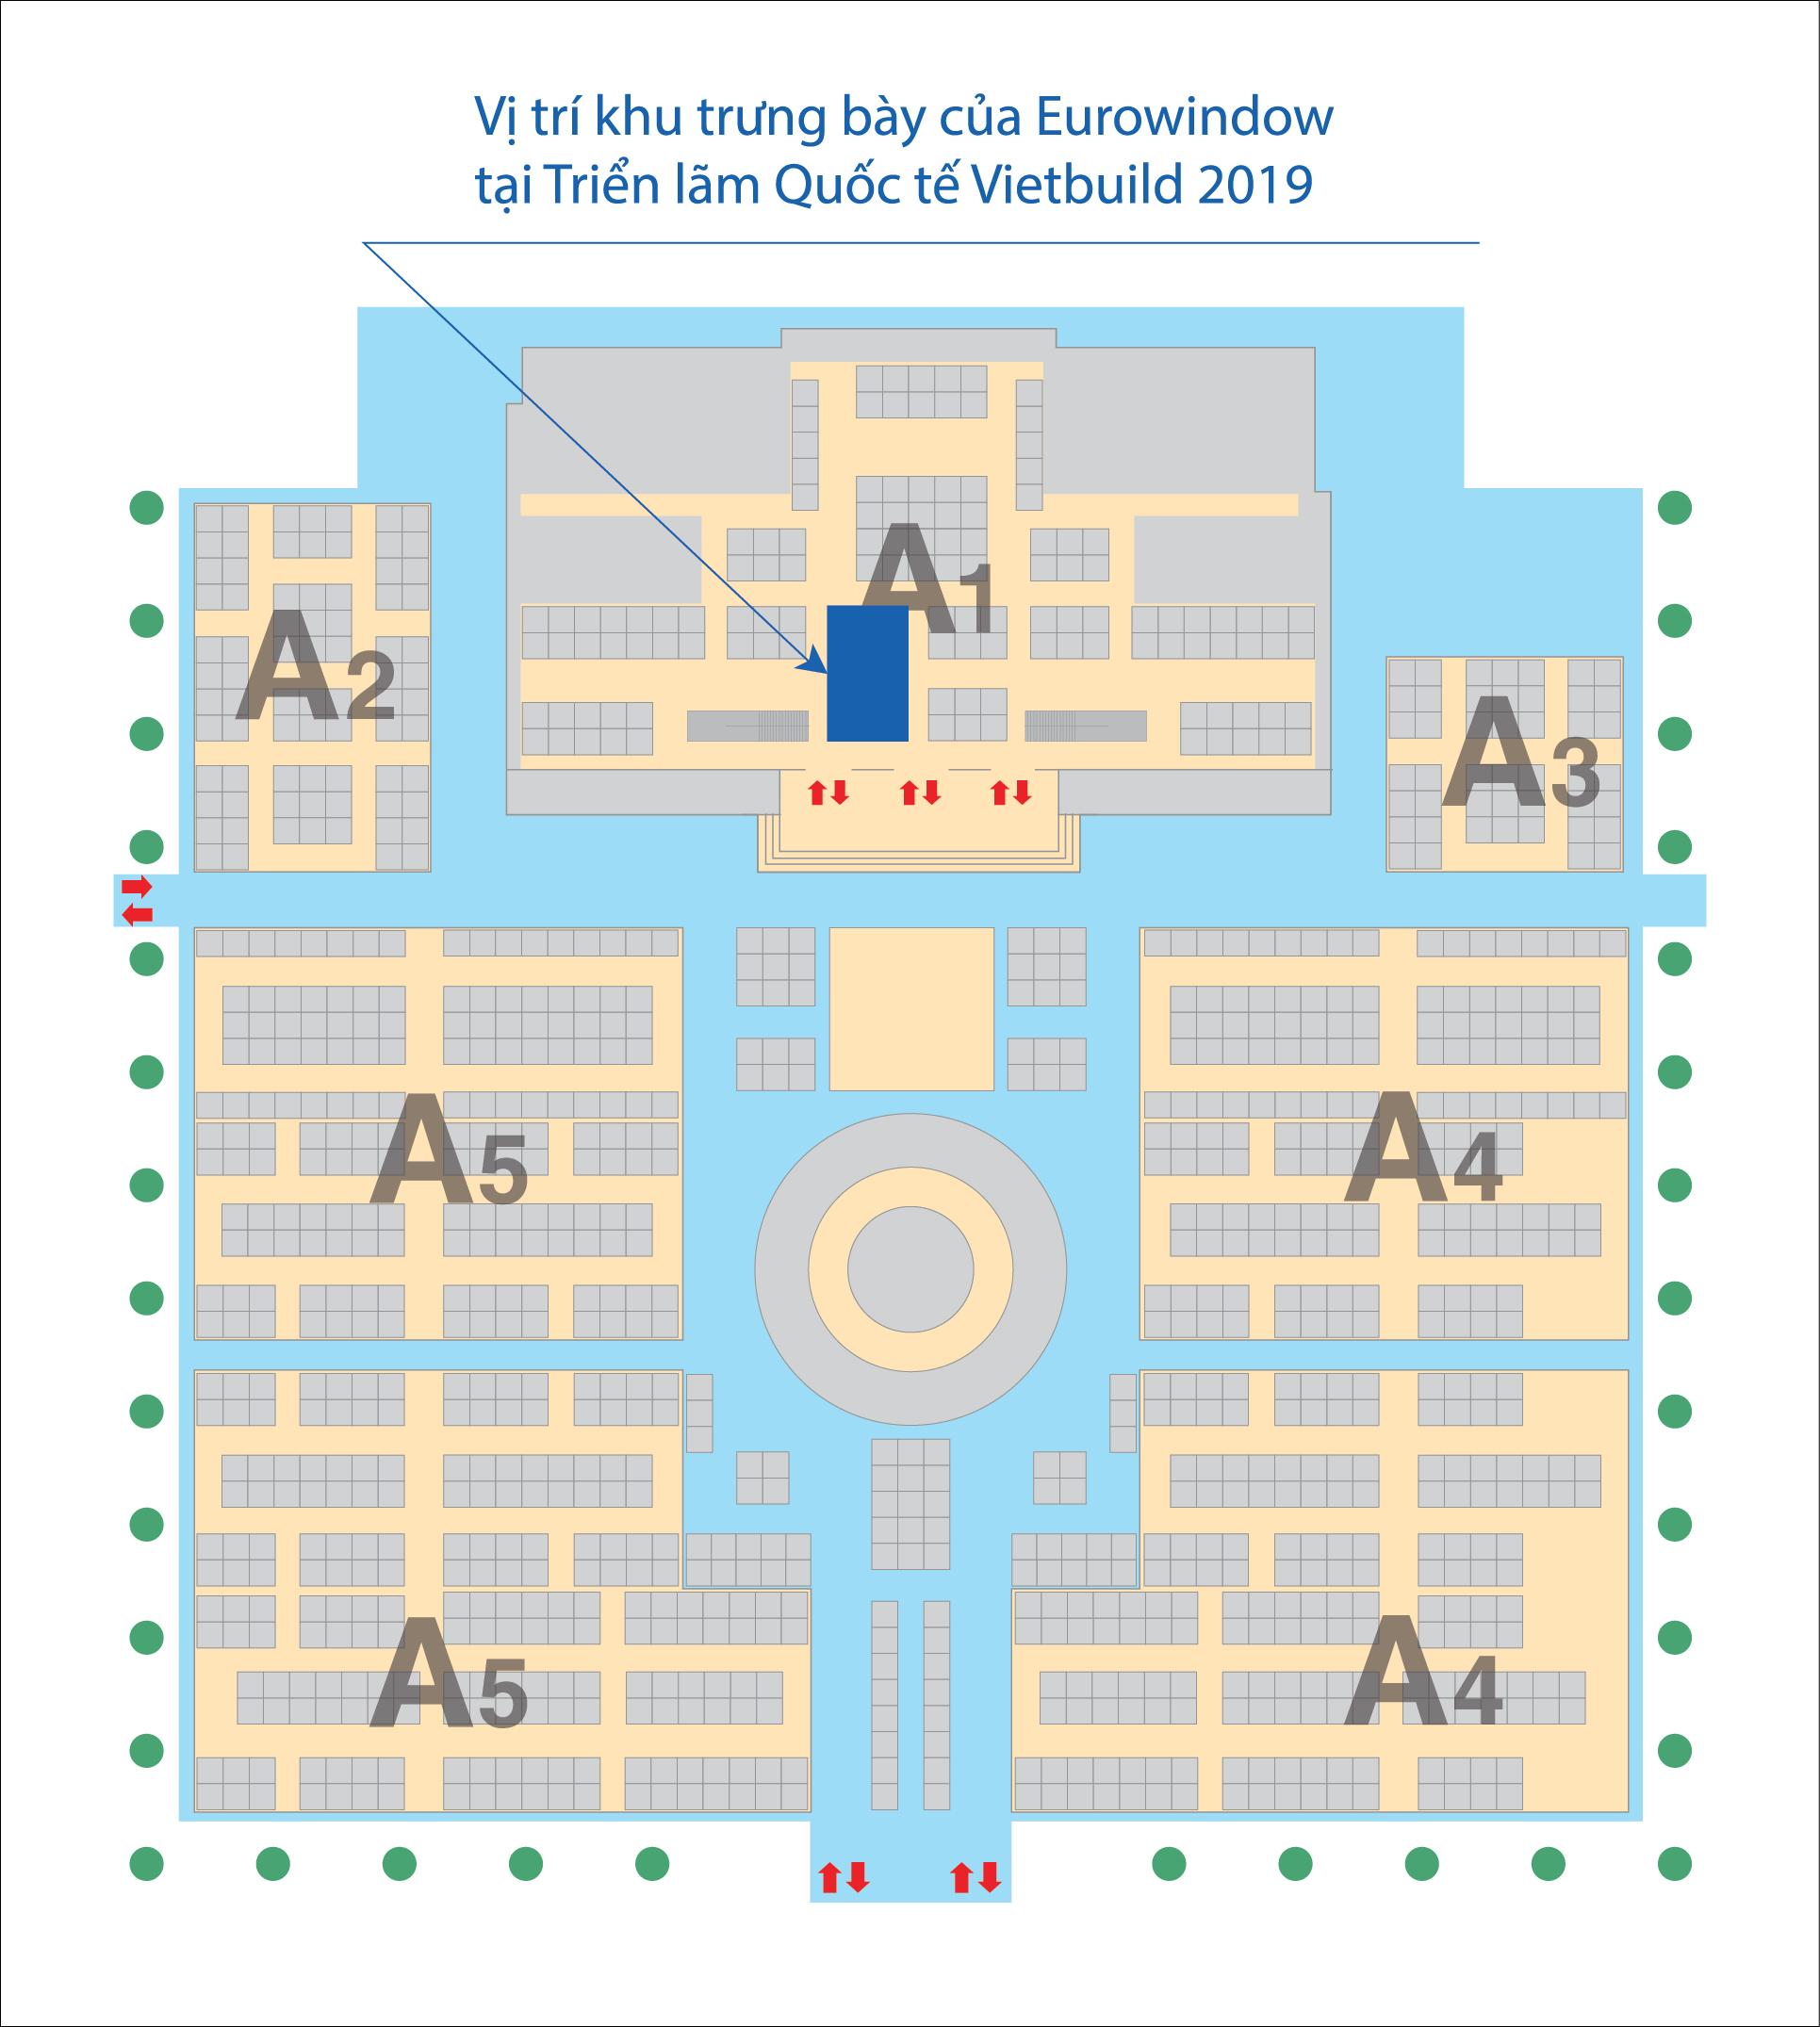 Sơ đồ vị trí khu trưng bày sản phẩm của Eurowindow tại Triển lãm Vietbuild Hà Nội 2019